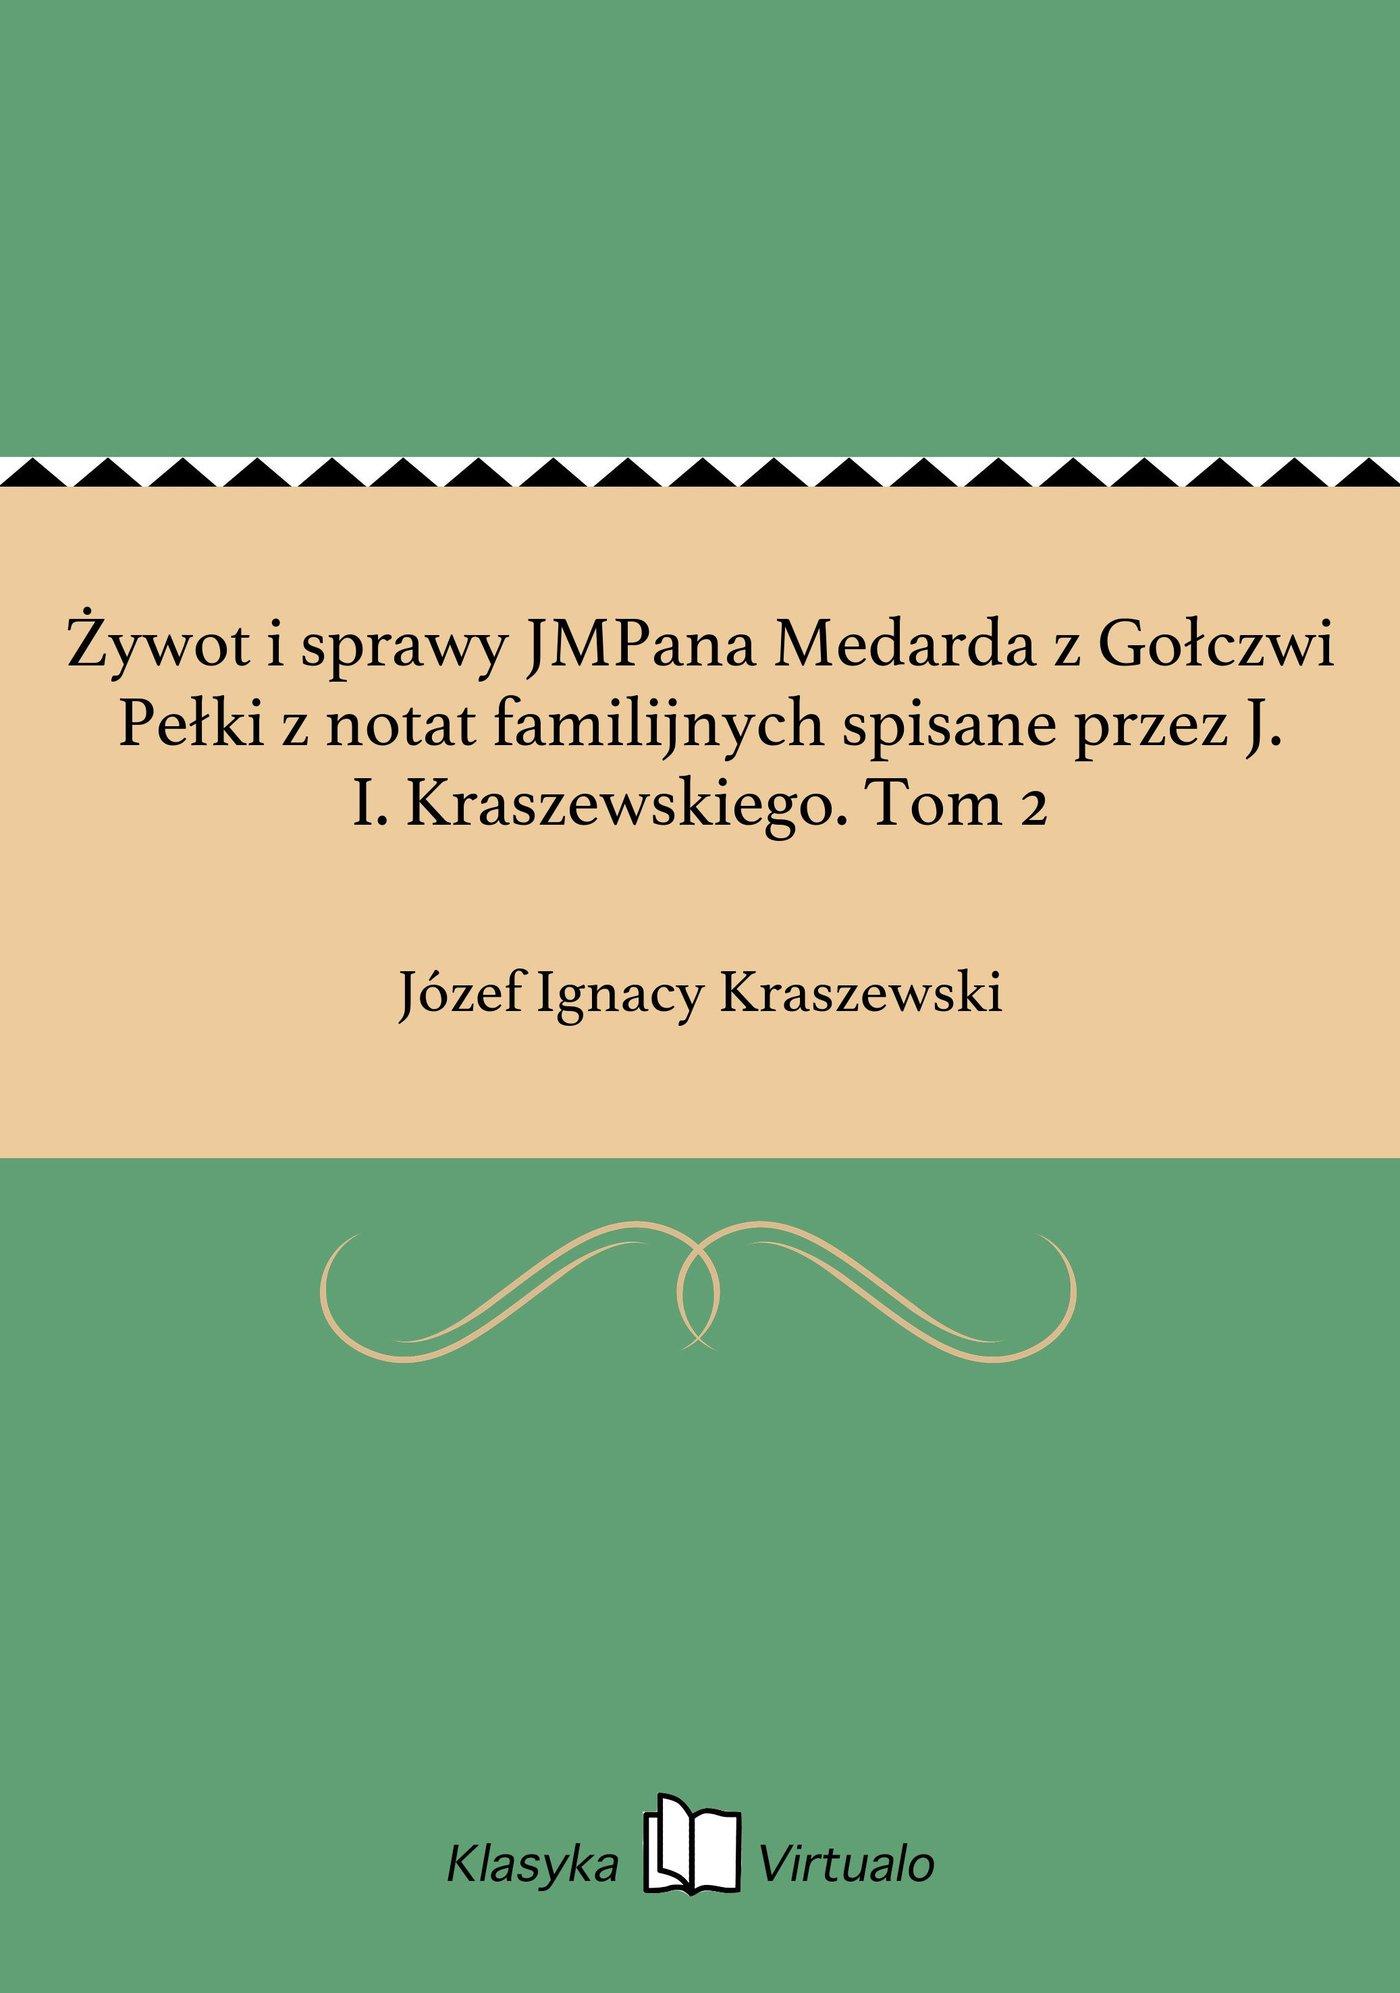 Żywot i sprawy JMPana Medarda z Gołczwi Pełki z notat familijnych spisane przez J. I. Kraszewskiego. Tom 2 - Ebook (Książka EPUB) do pobrania w formacie EPUB